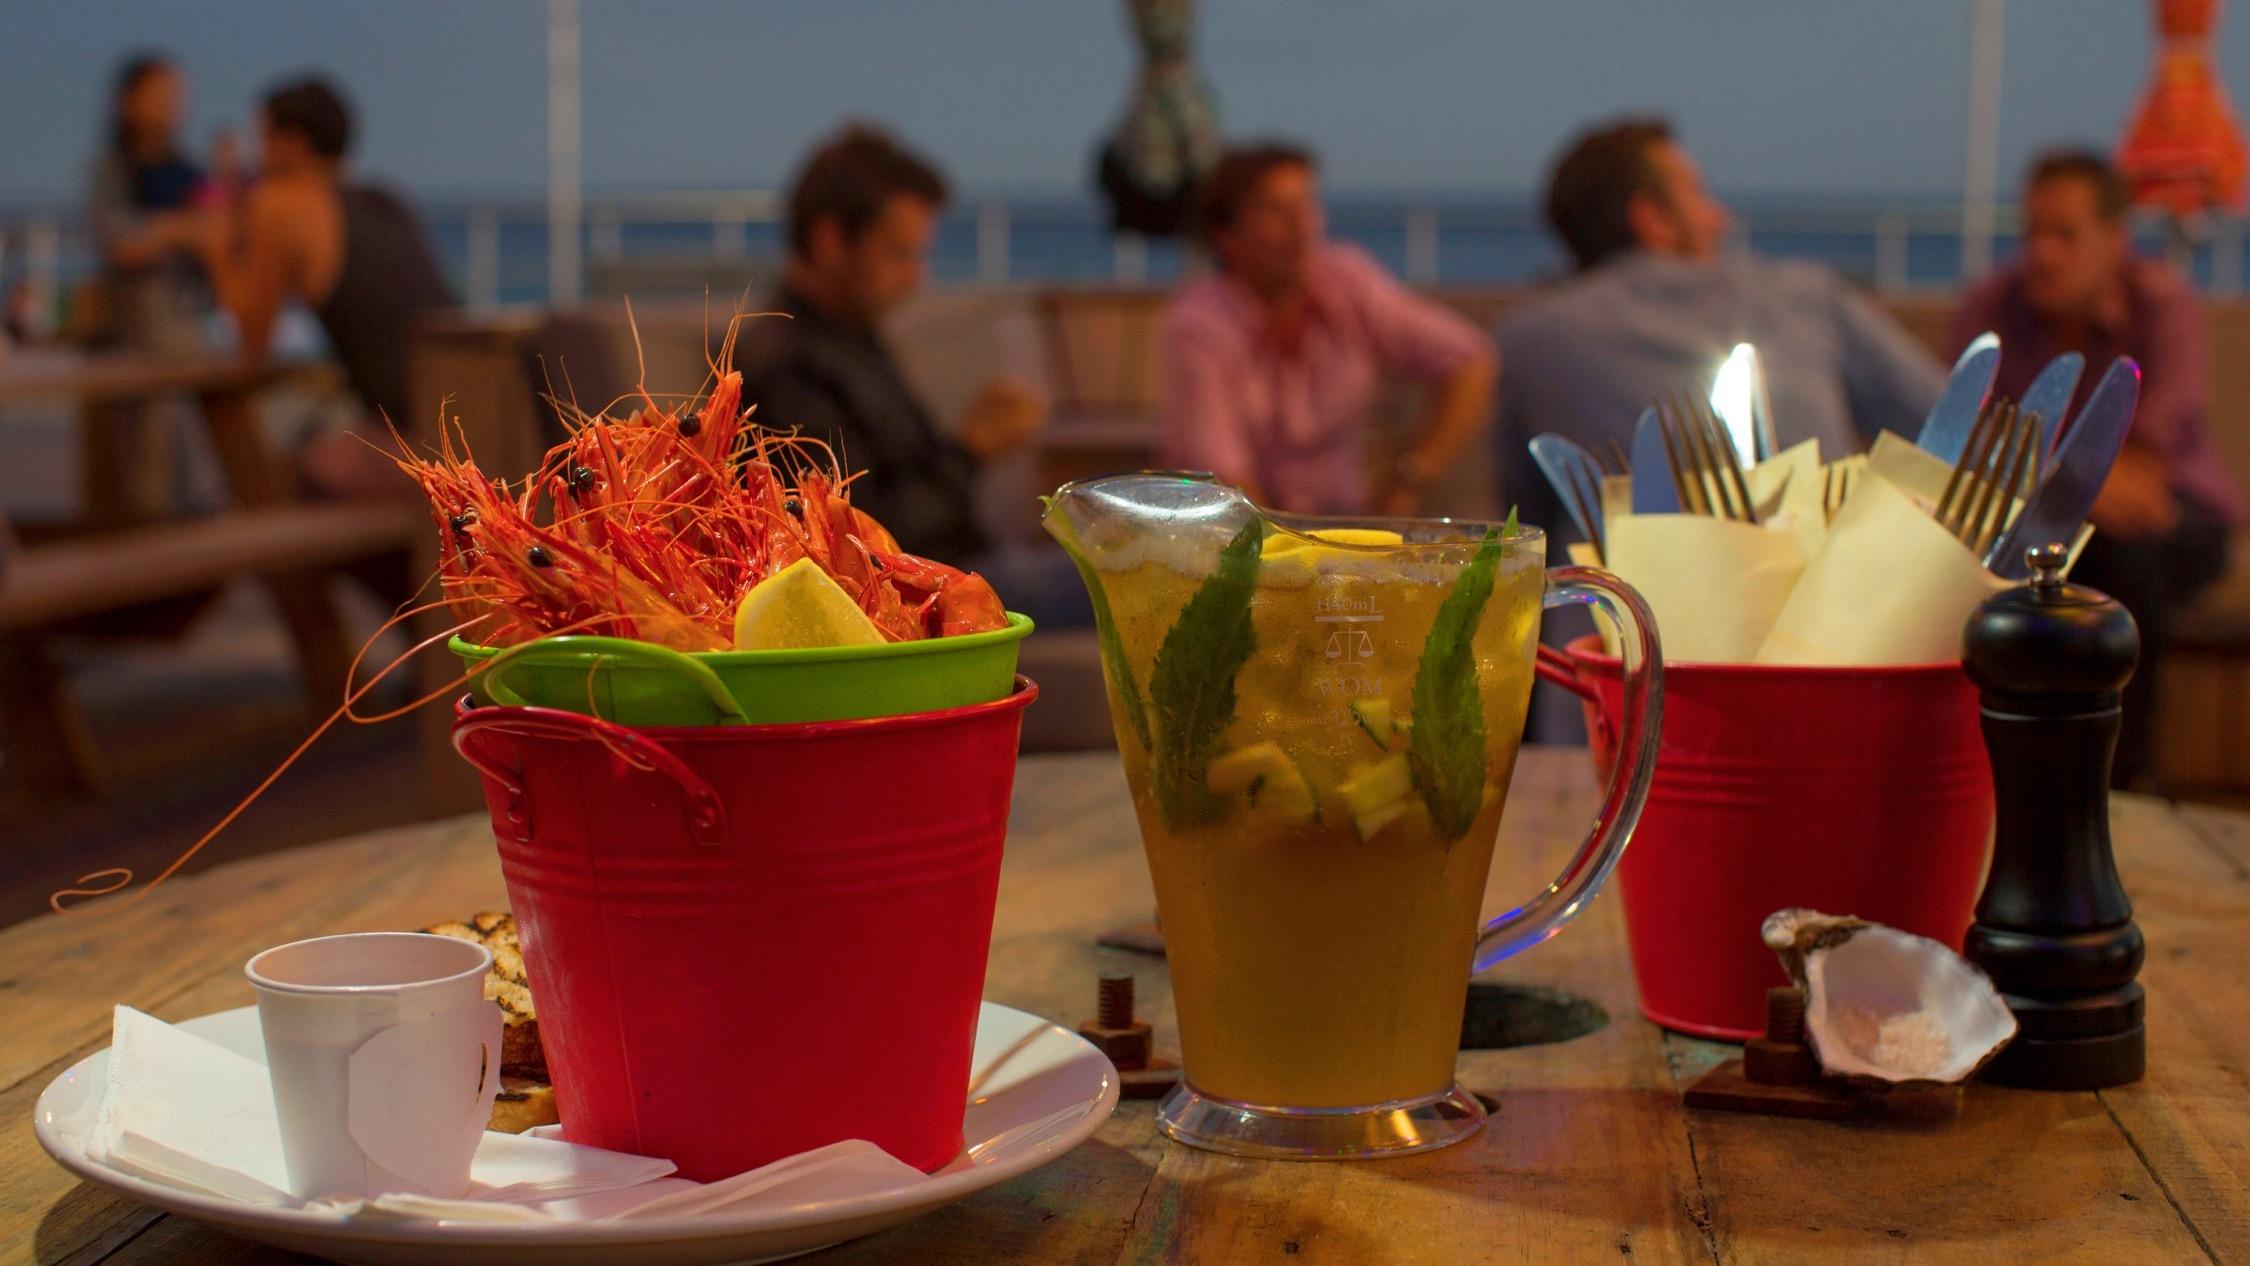 The Bucket List Bar and Eatery